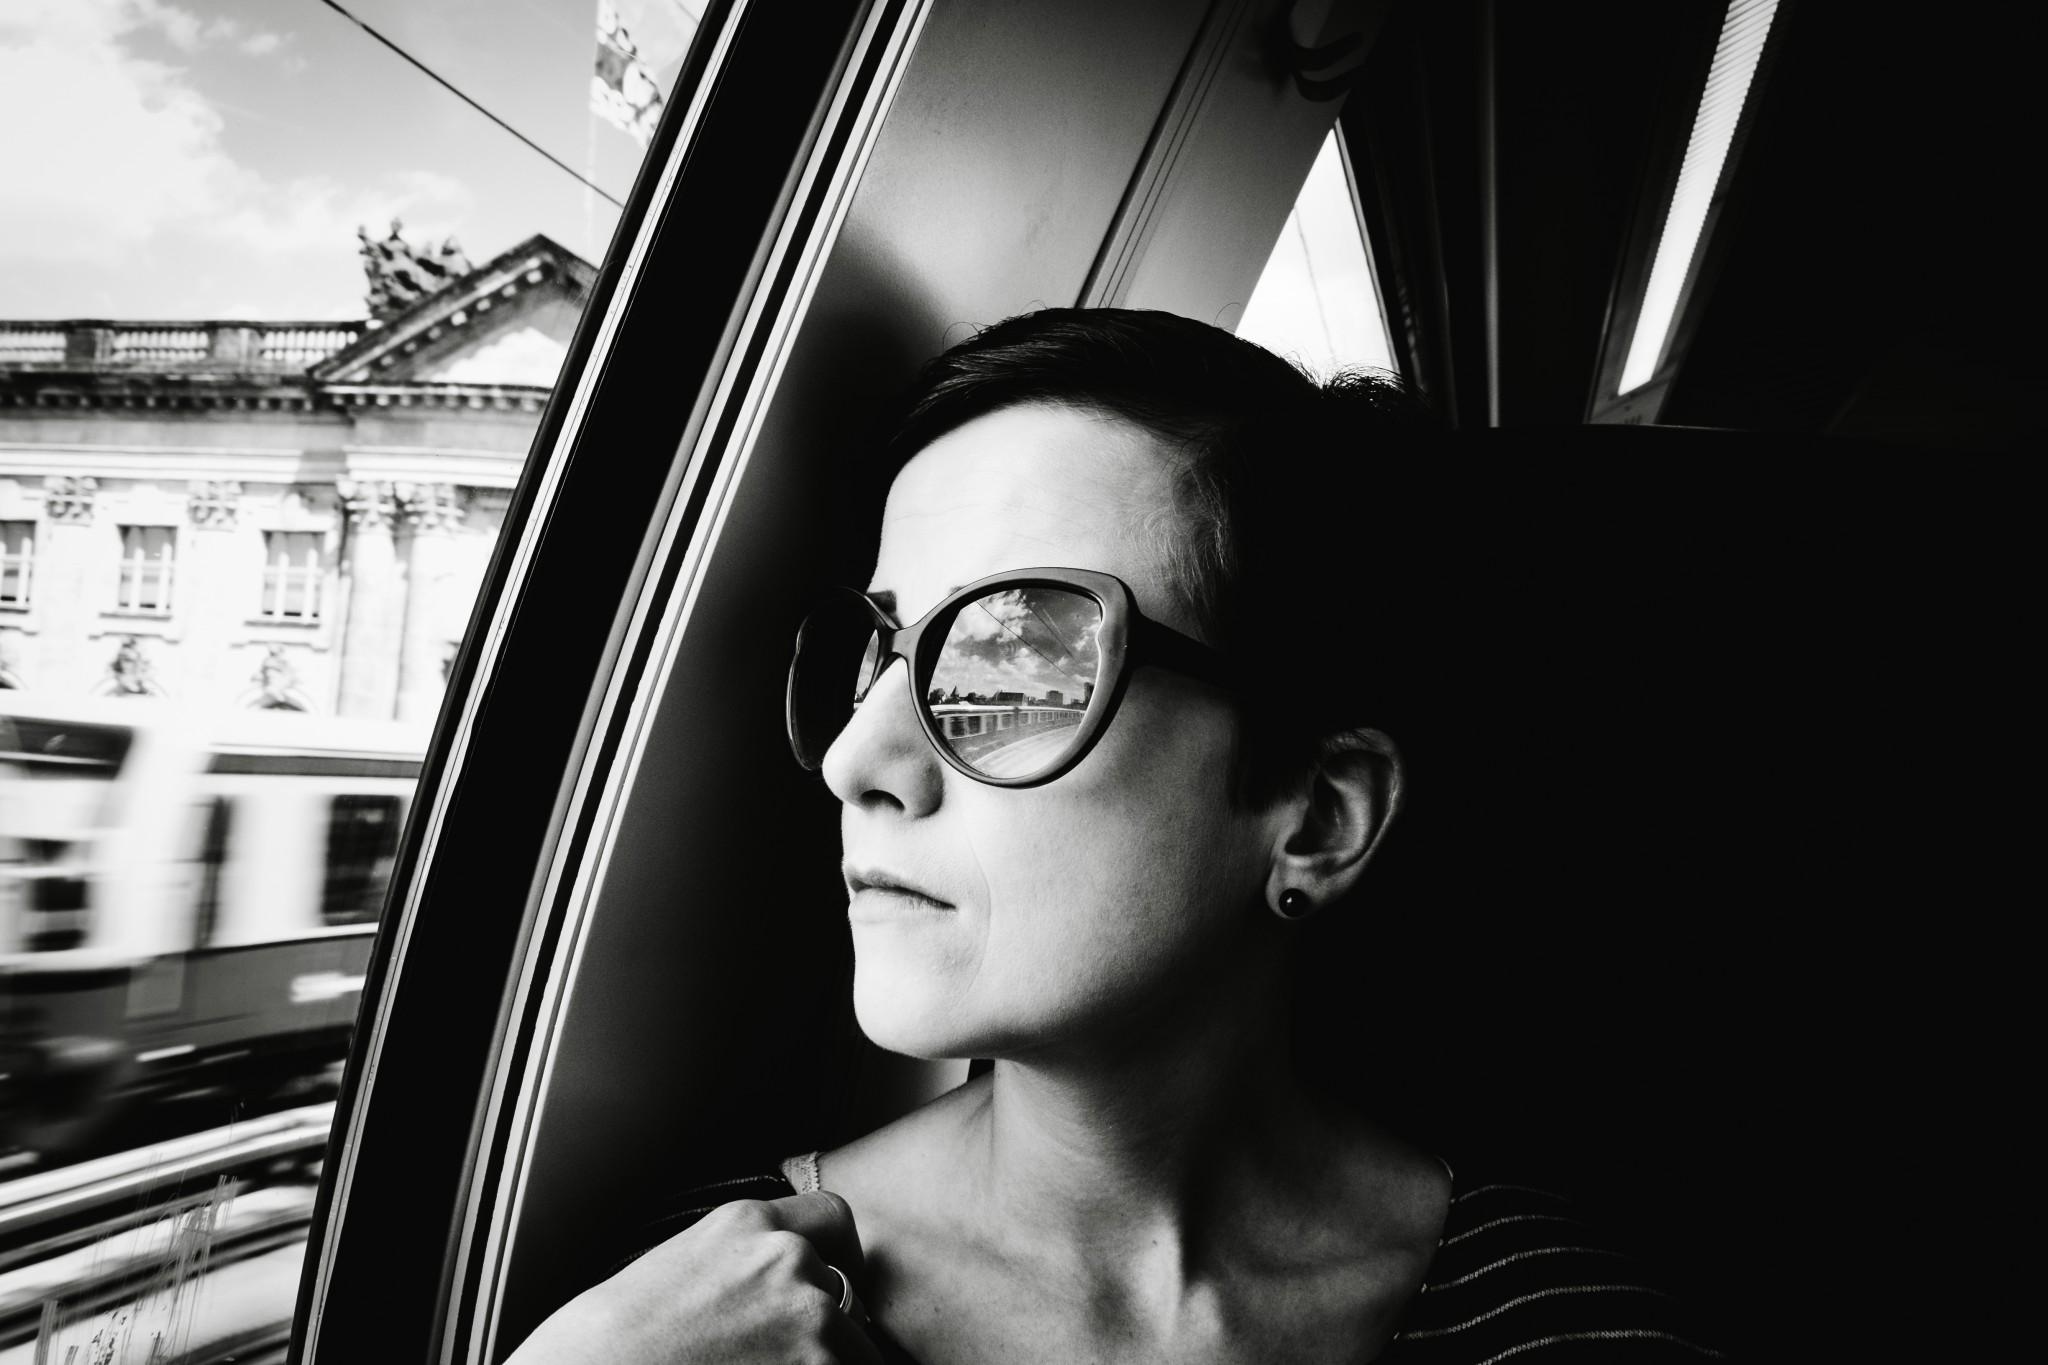 Schwarz-Weiß-Portrait im Zug von einer Frau